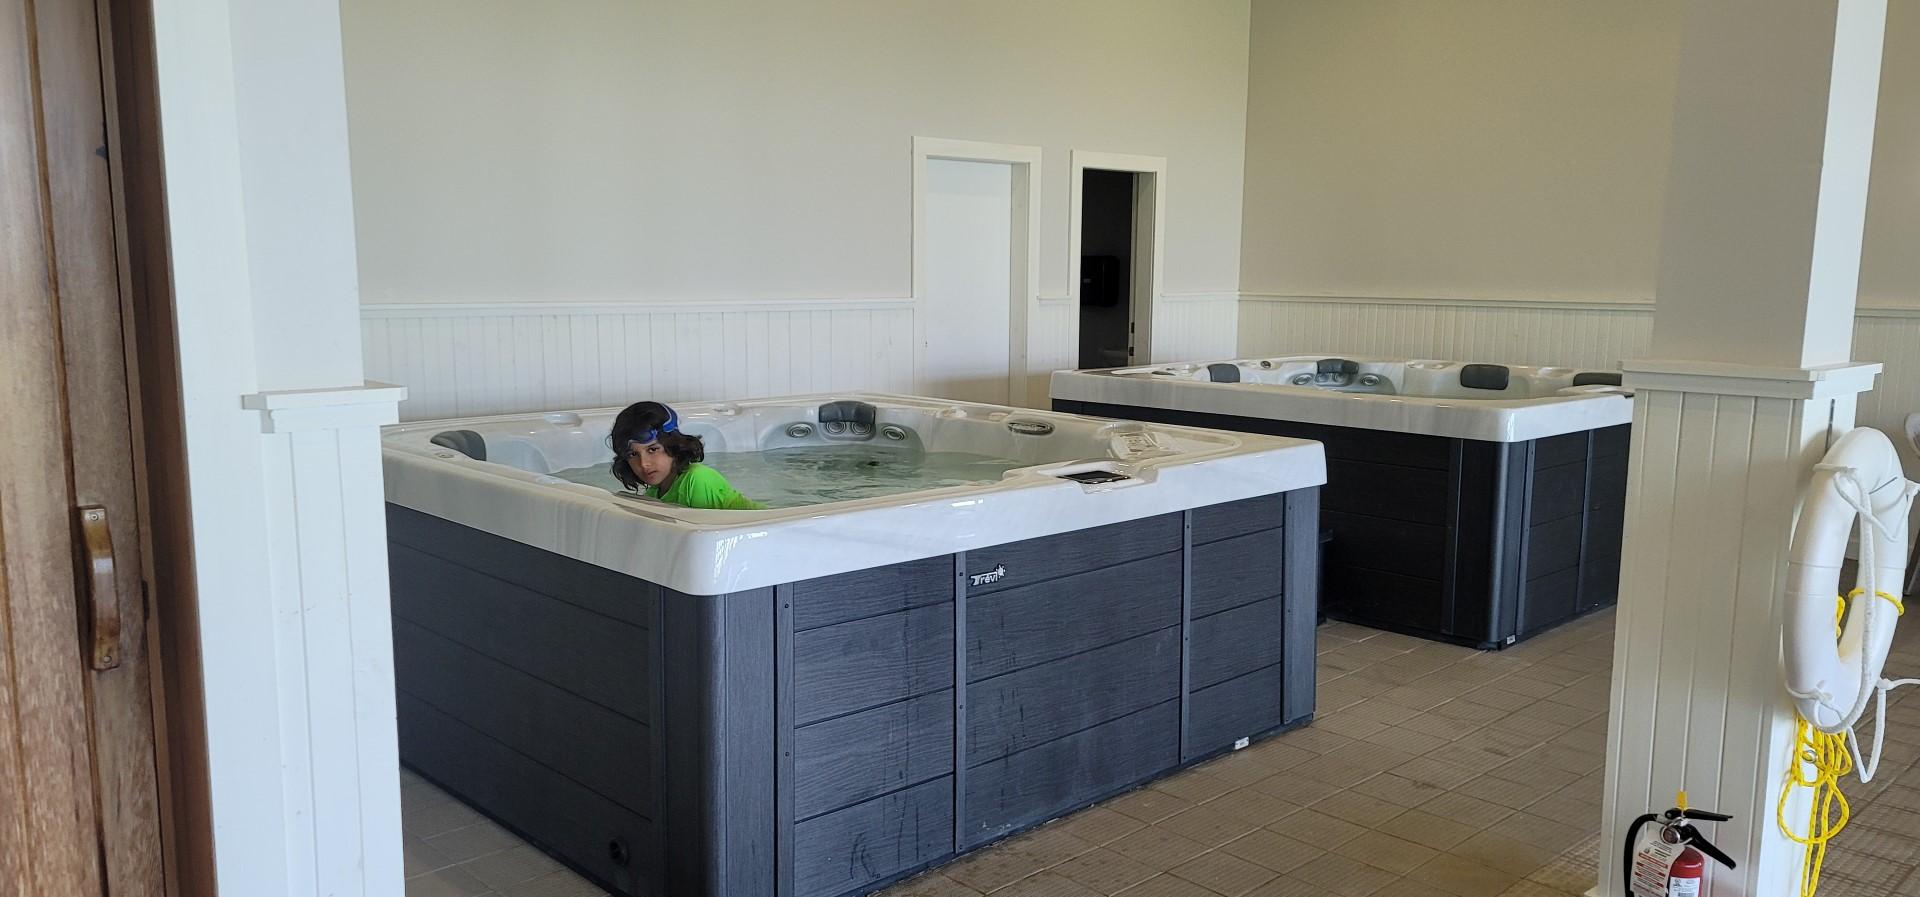 boy in hot tub